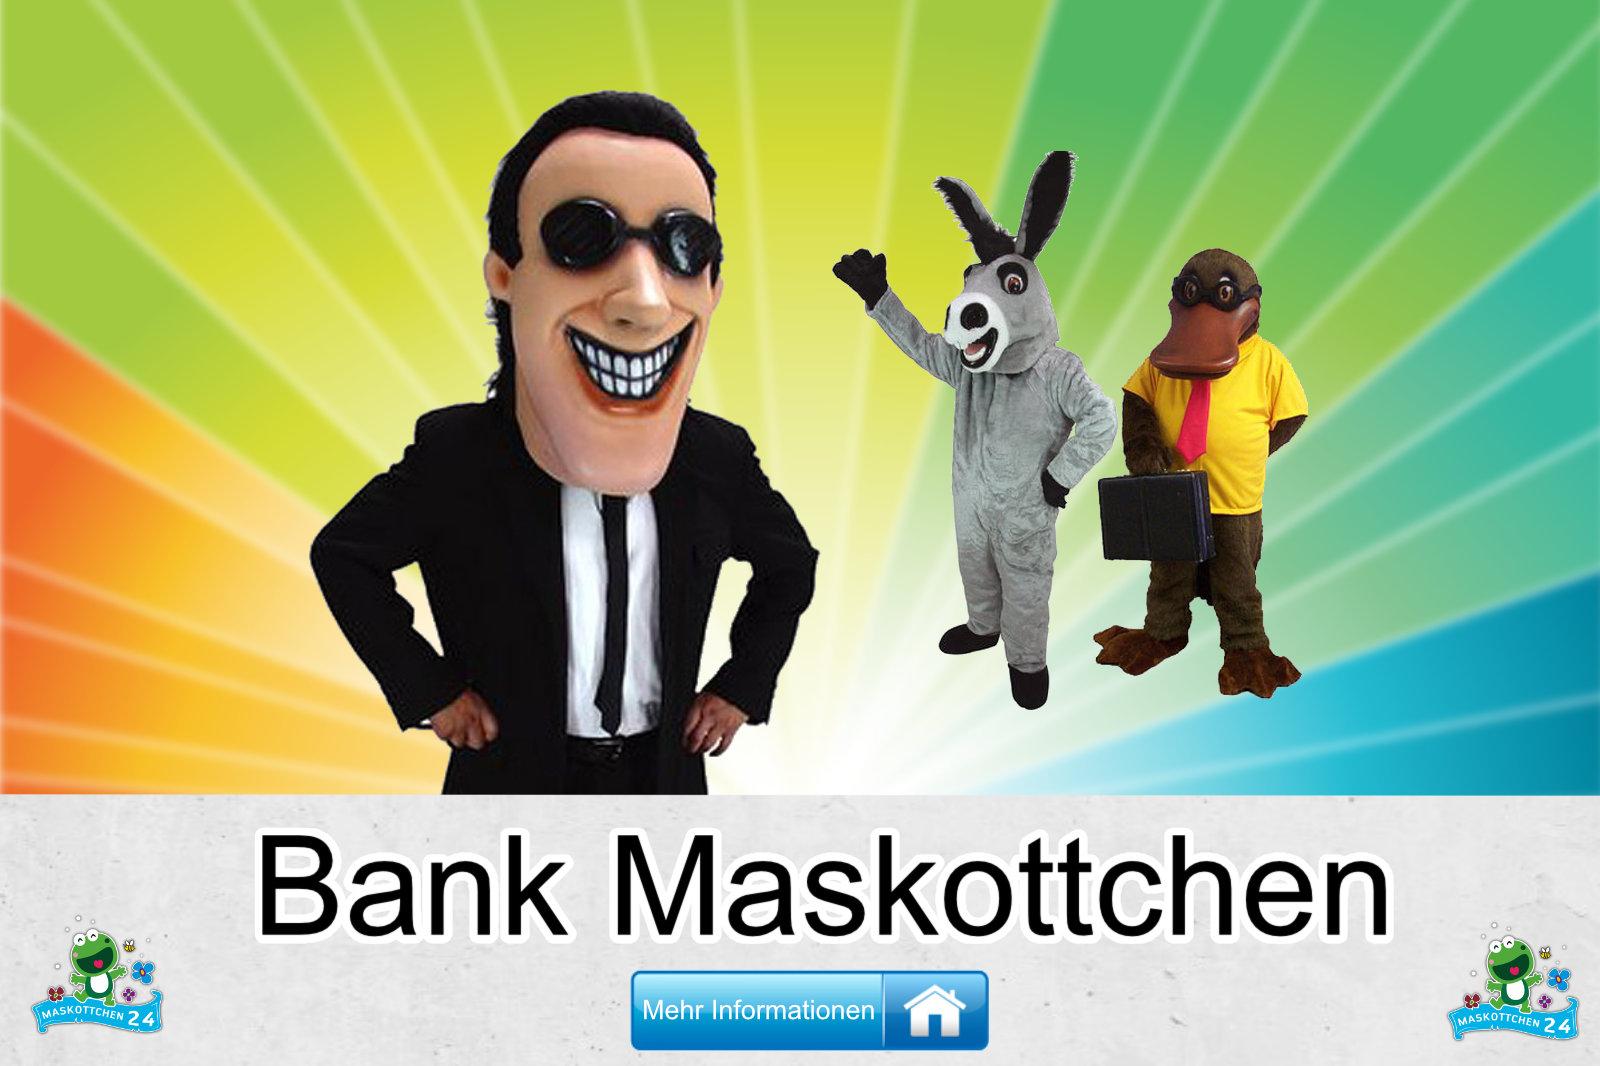 Bank Maskottchen Verein Karneval Produktion günstig kaufen